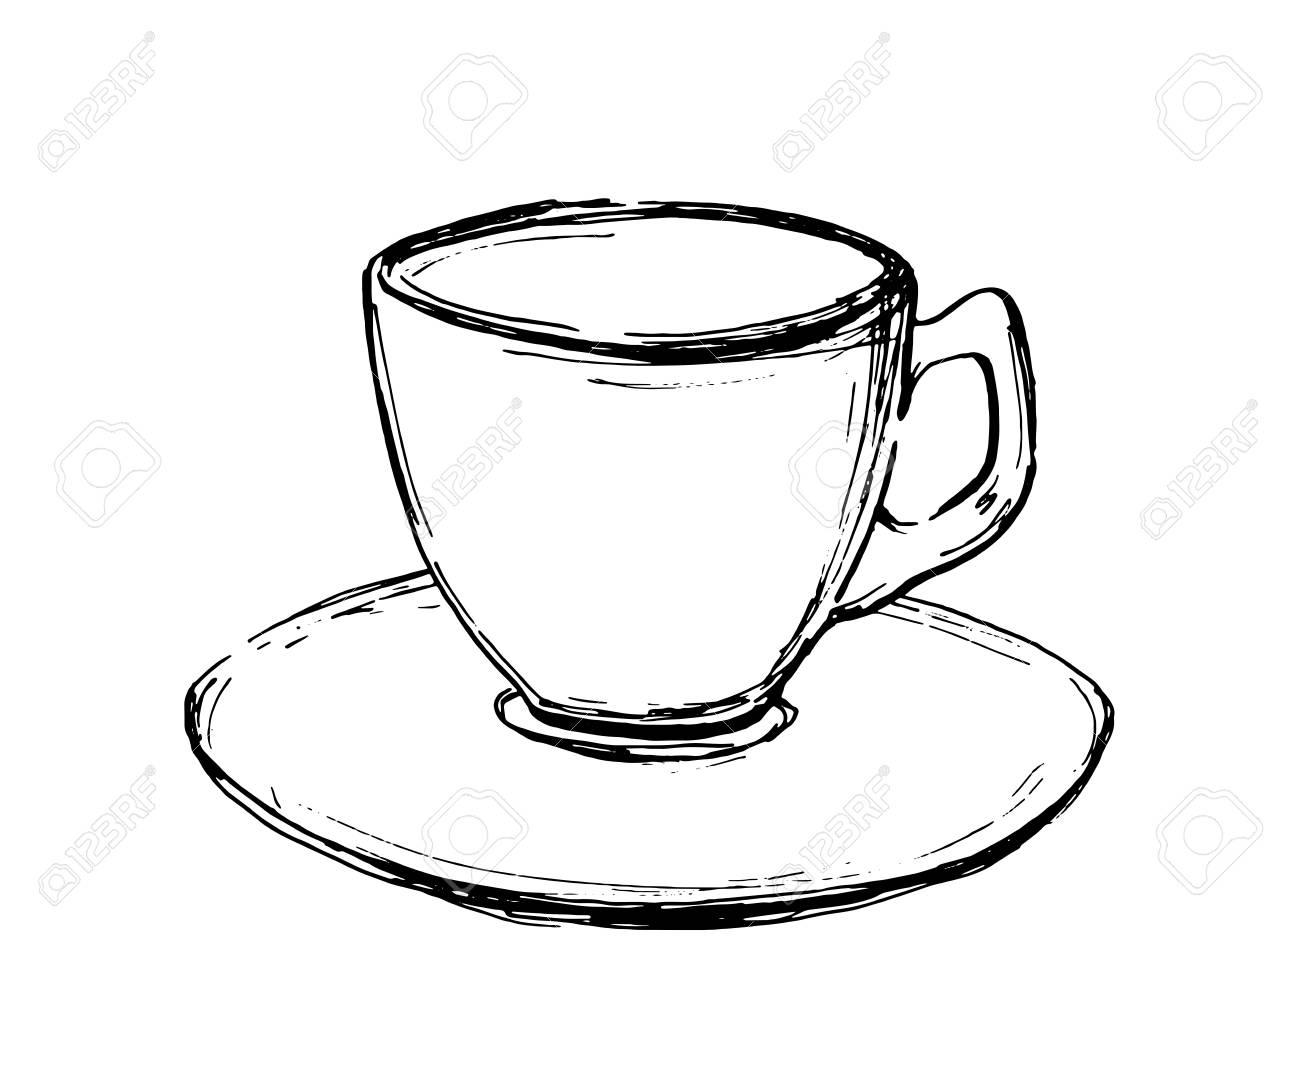 Vektor Hand Gezeichnete Skizze Kaffeetasse Illustration Für Design